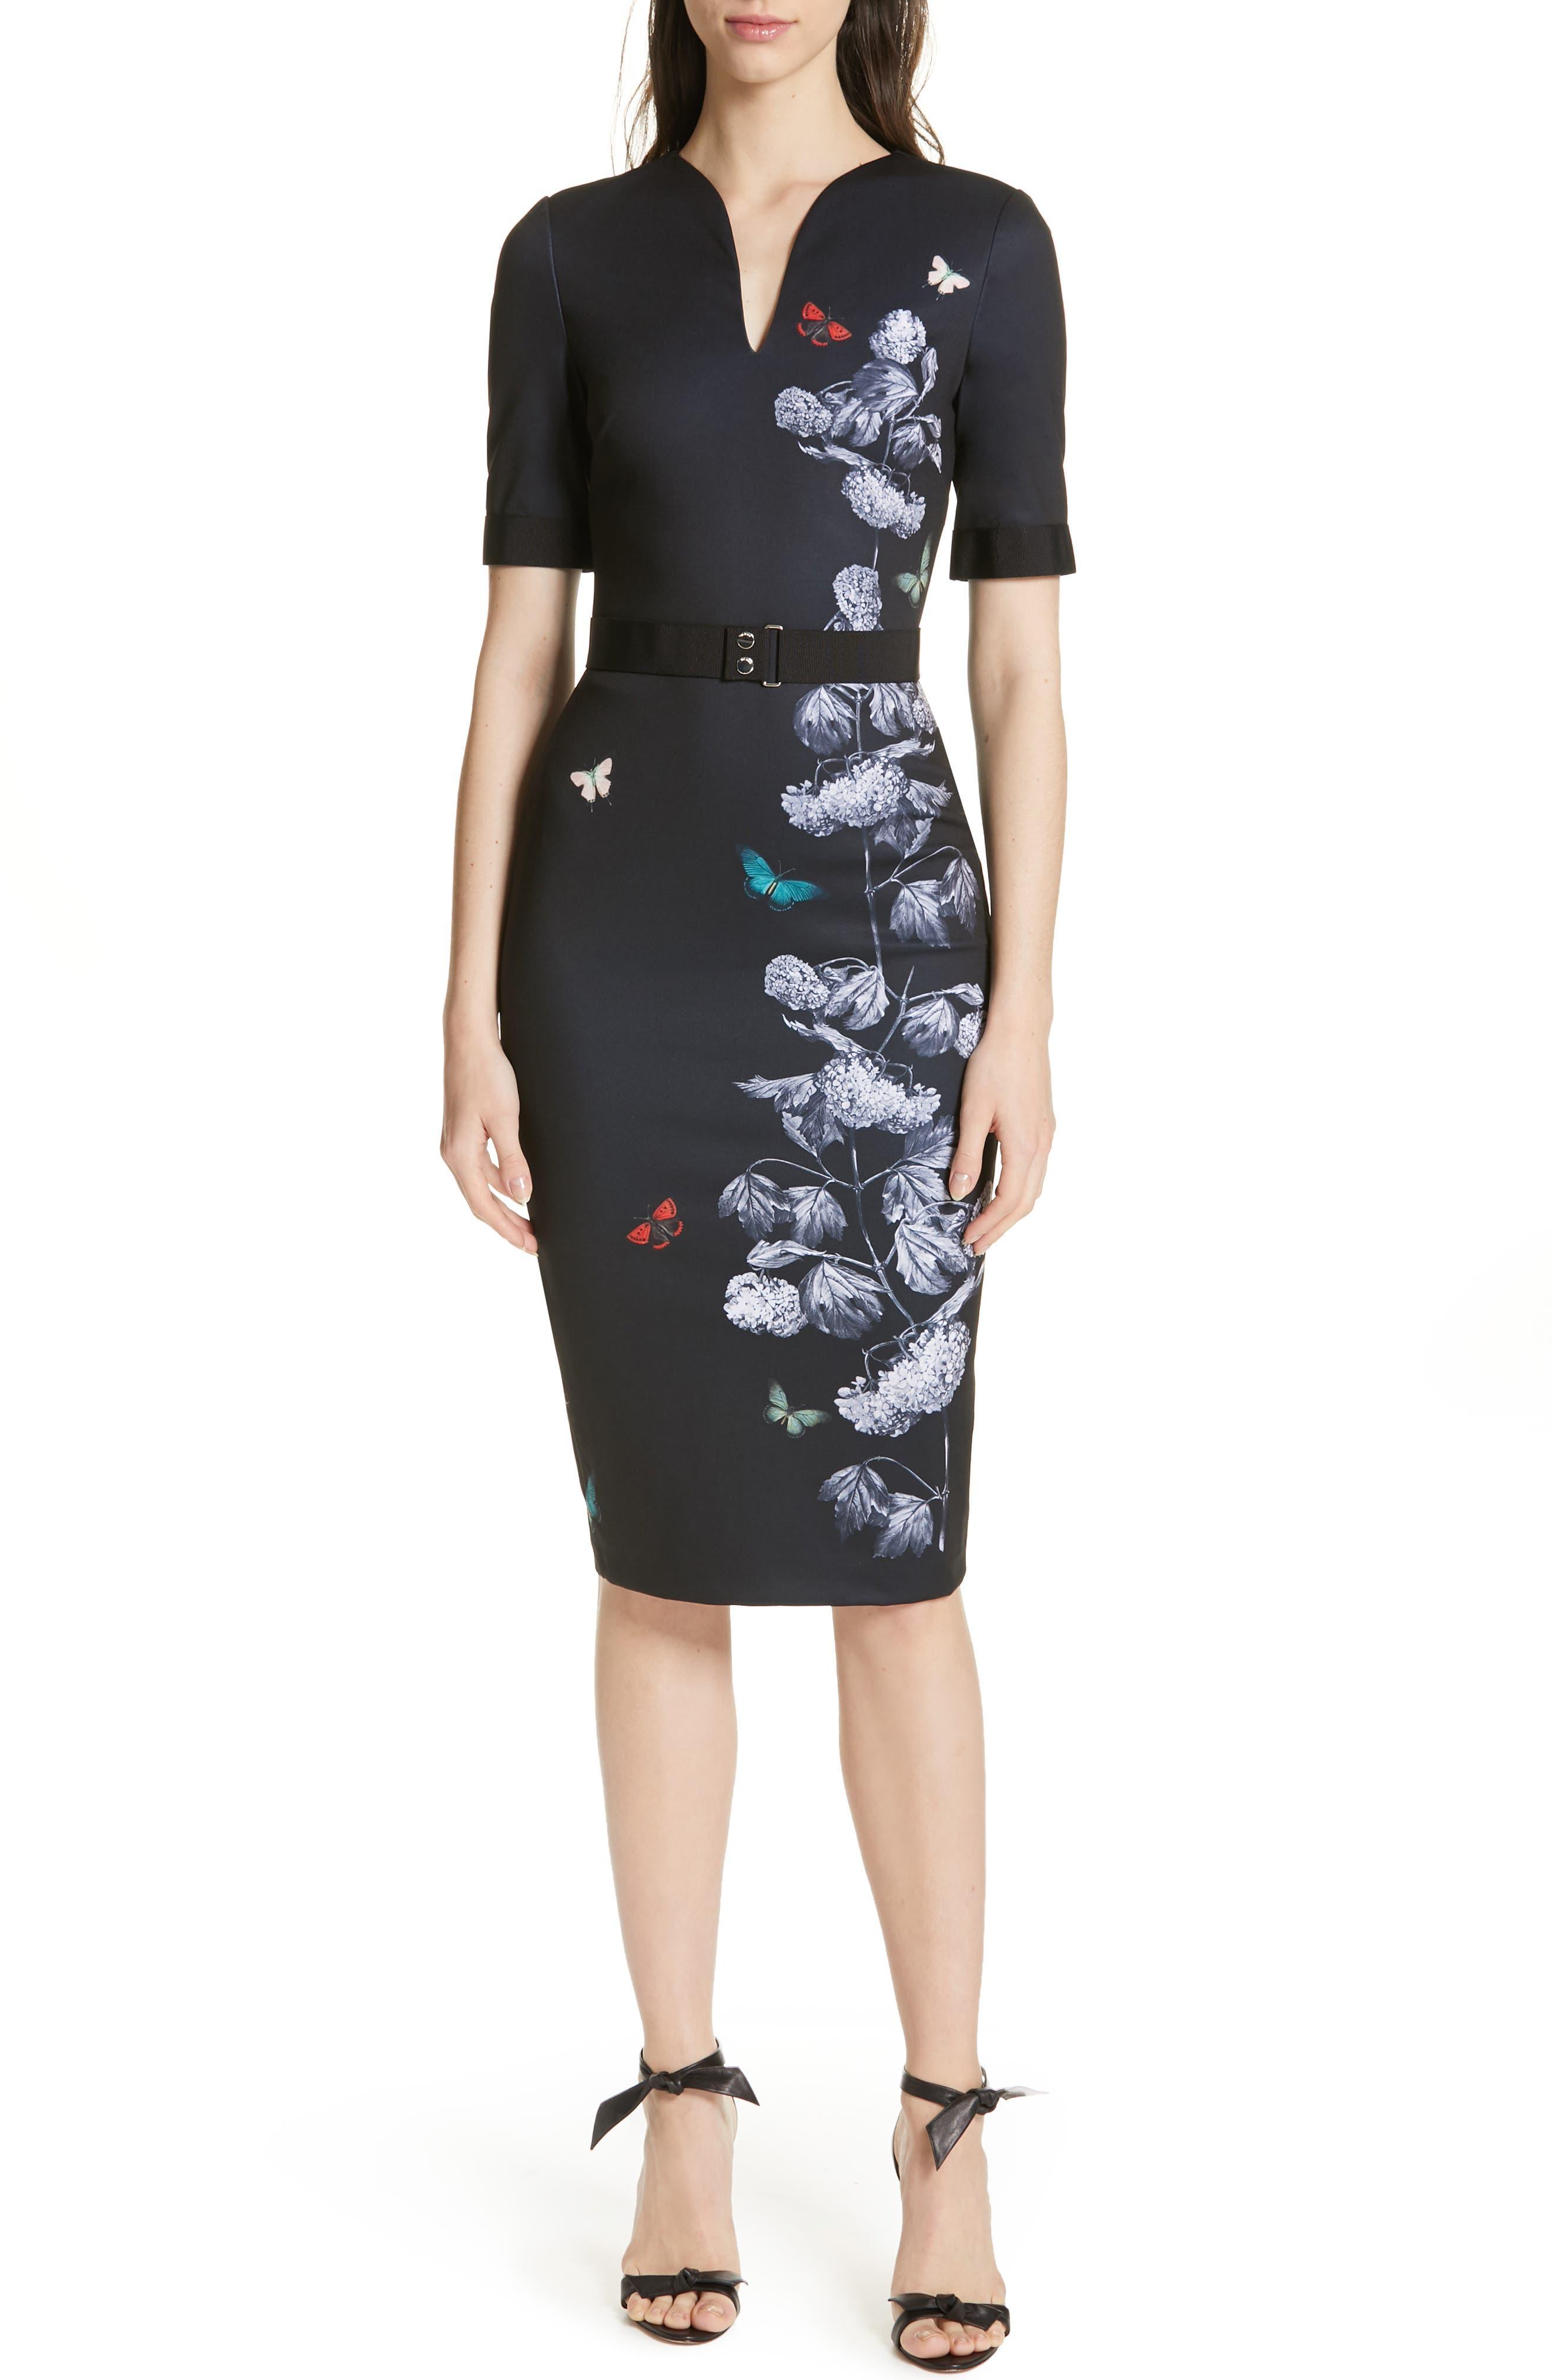 Niliano Narrnia Sheath Dress in Black